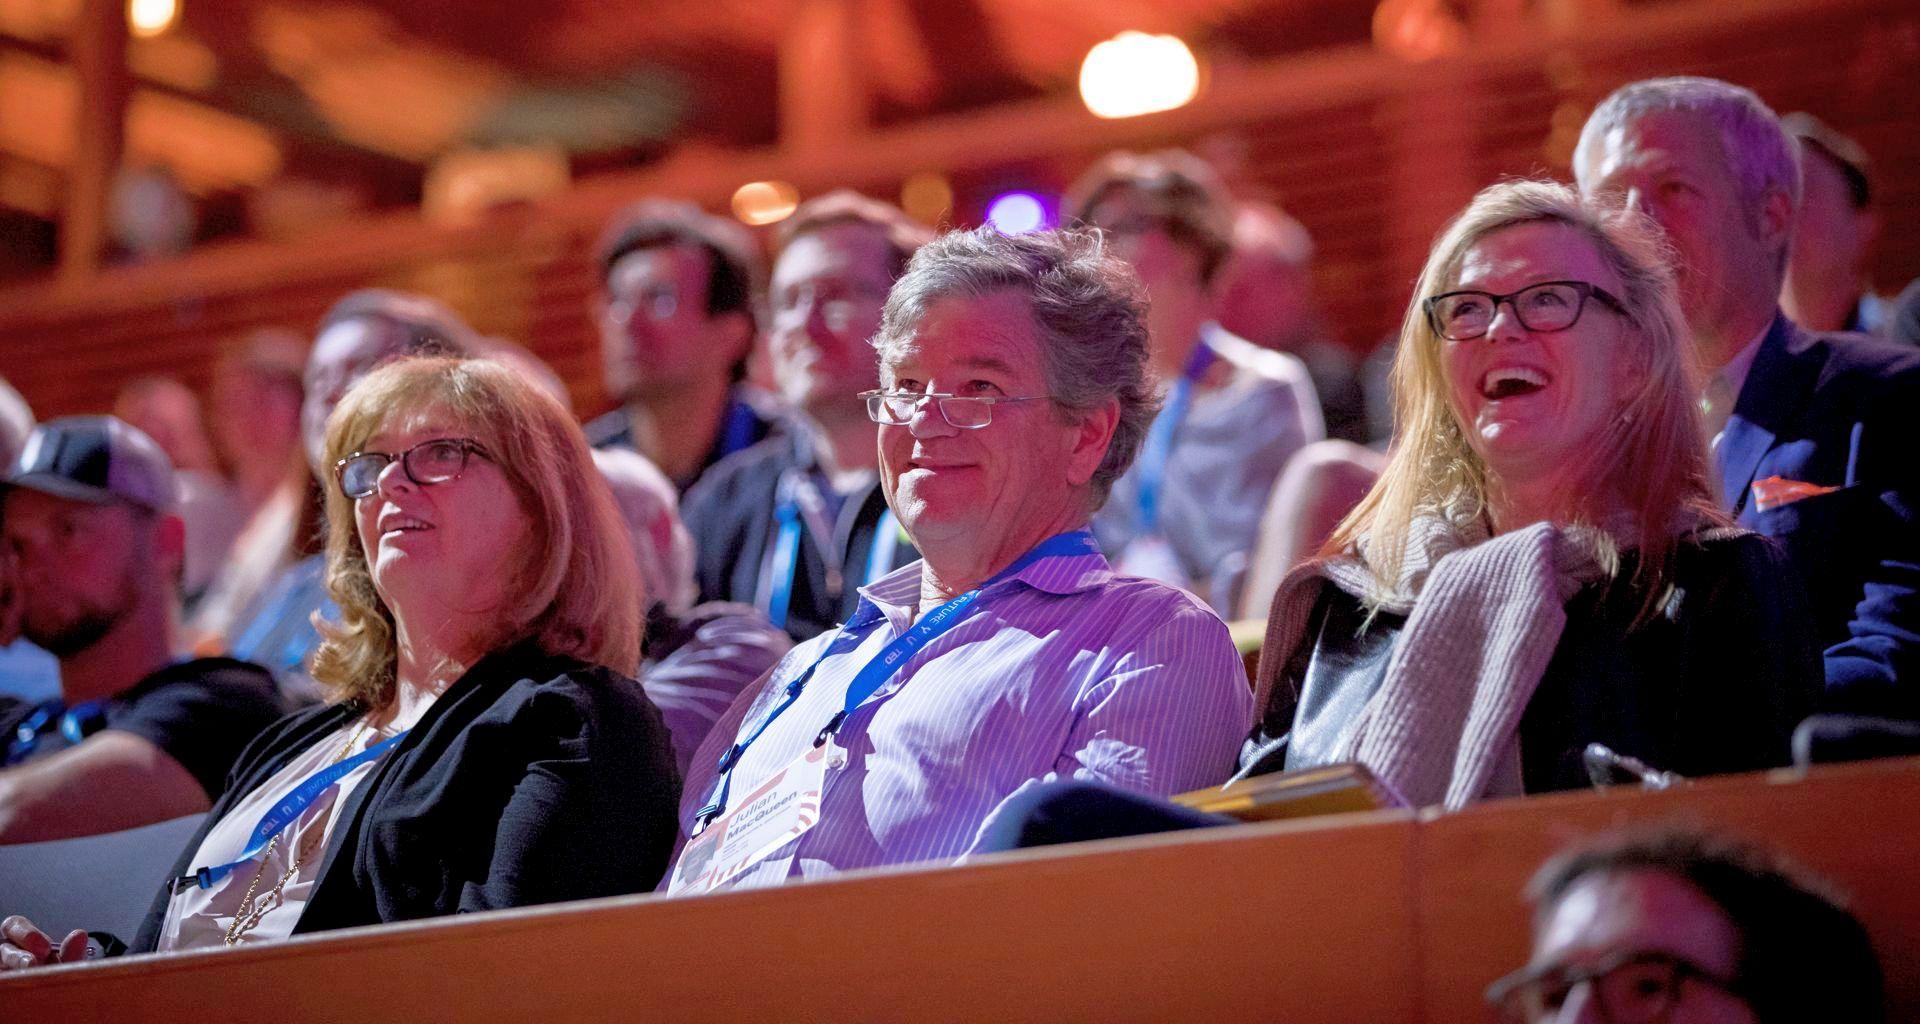 Voor het Nationale Spoedzorgcongres 8 november is de Guus Schrijvers Academie op zoek naar ervaren vaardigheidstrainers voor het geven van twee workshops.